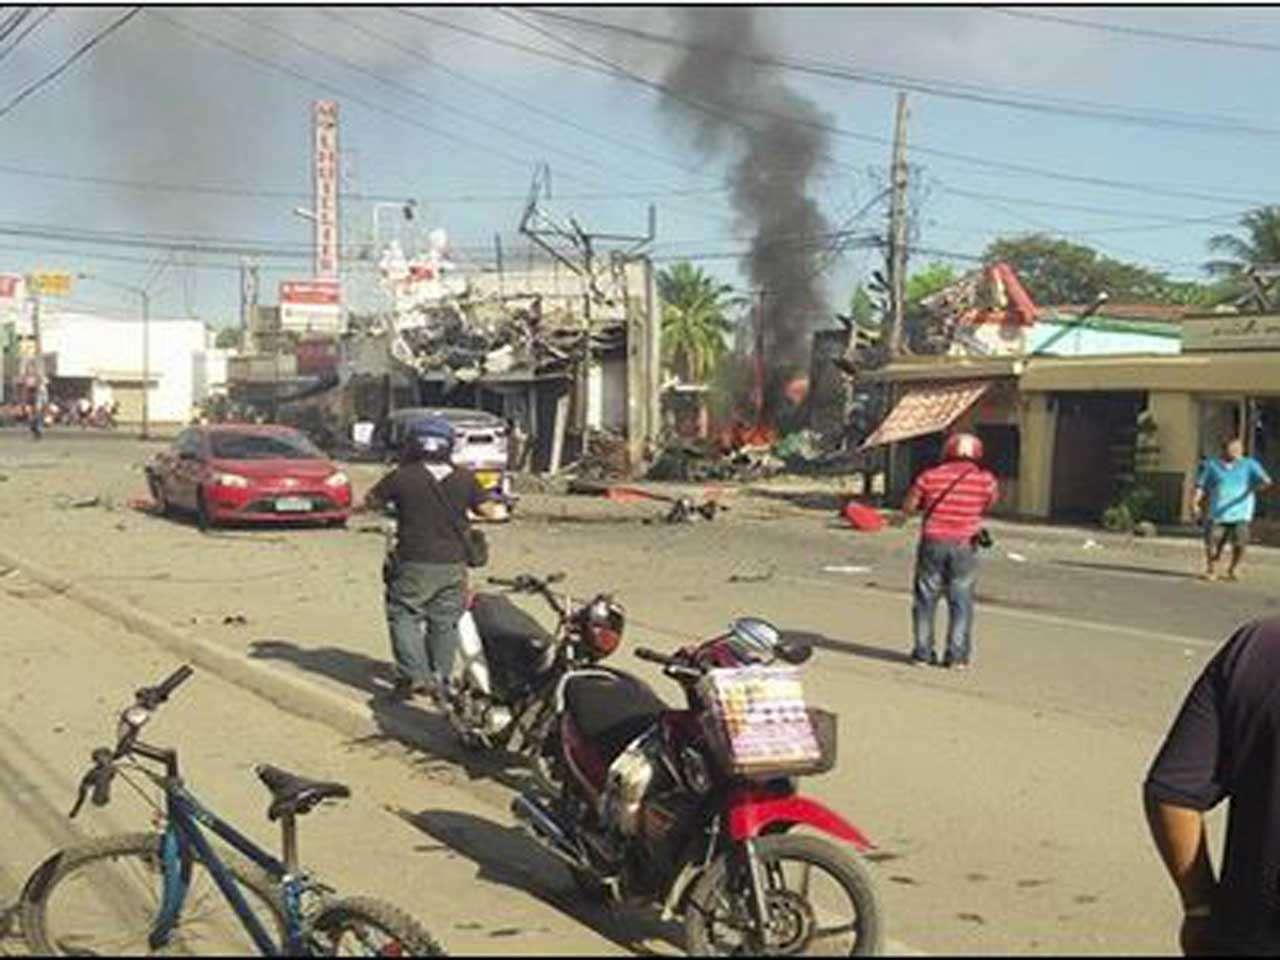 Un coche bomba estalló al sur de Filipinas, localidad de Zamboanga, en un hecho que dejó 48 heridos y al menos un muerto, el 23 de enero de 2015. Foto: www.gmanetwork.com